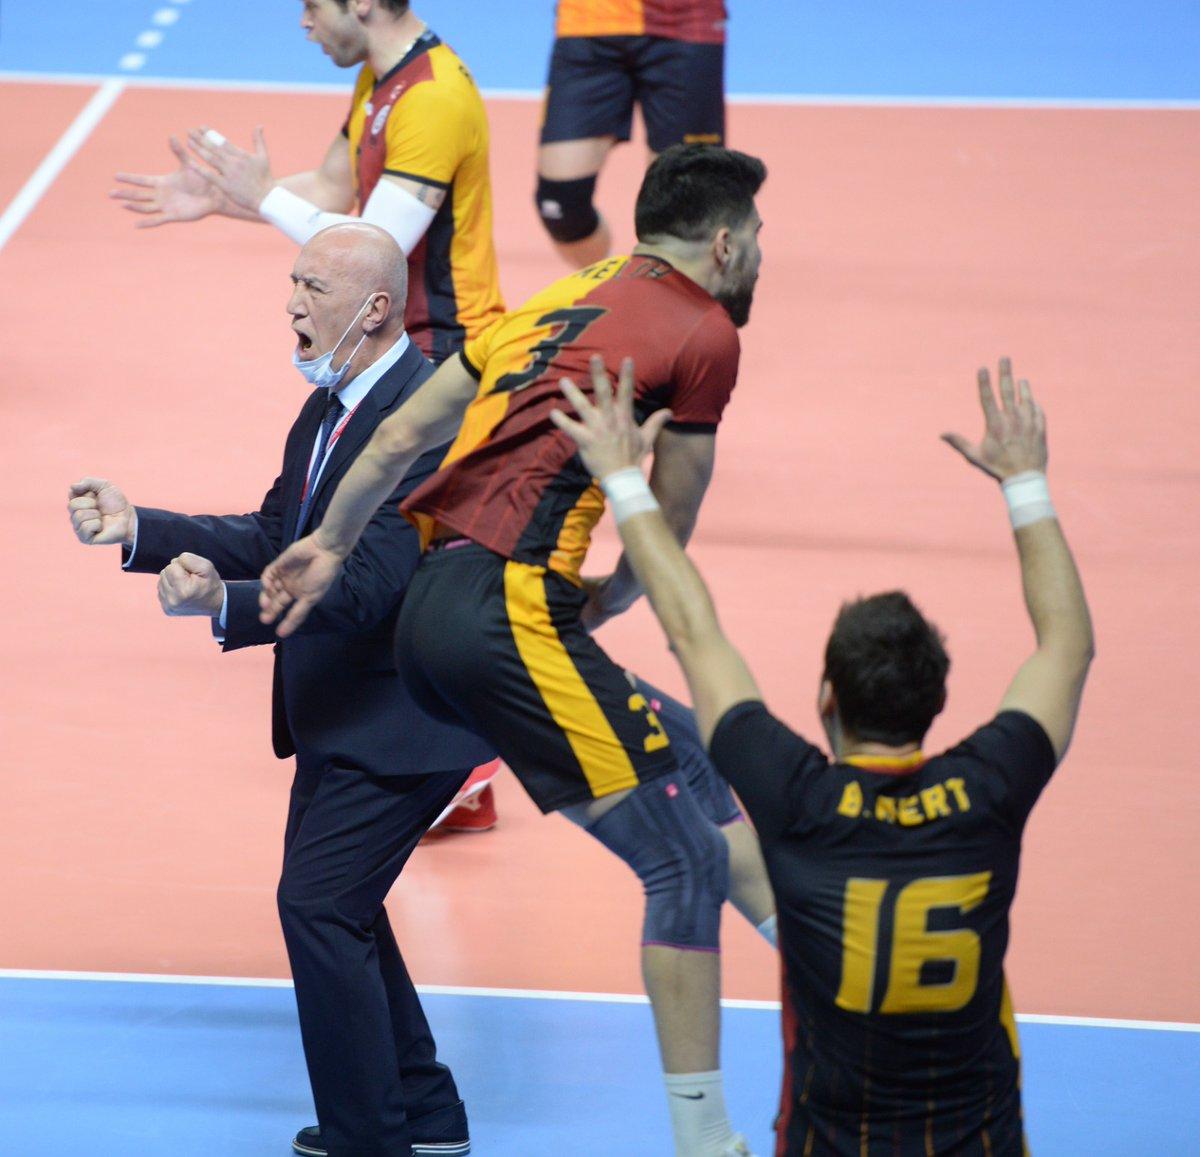 """Galatasaray Spor Kulübü on Twitter: """"Başantrenörümüz Nedim Özbey, geçirdiği  rahatsızlık sonrası galibiyetimizle sona eren Spor Toto maçında yeniden  takımımızın başında yer aldı. 💪 Bir kez daha geçmiş olsun #NedimÖzbey! 🧿…  https://t.co/21yyohy8xi"""""""